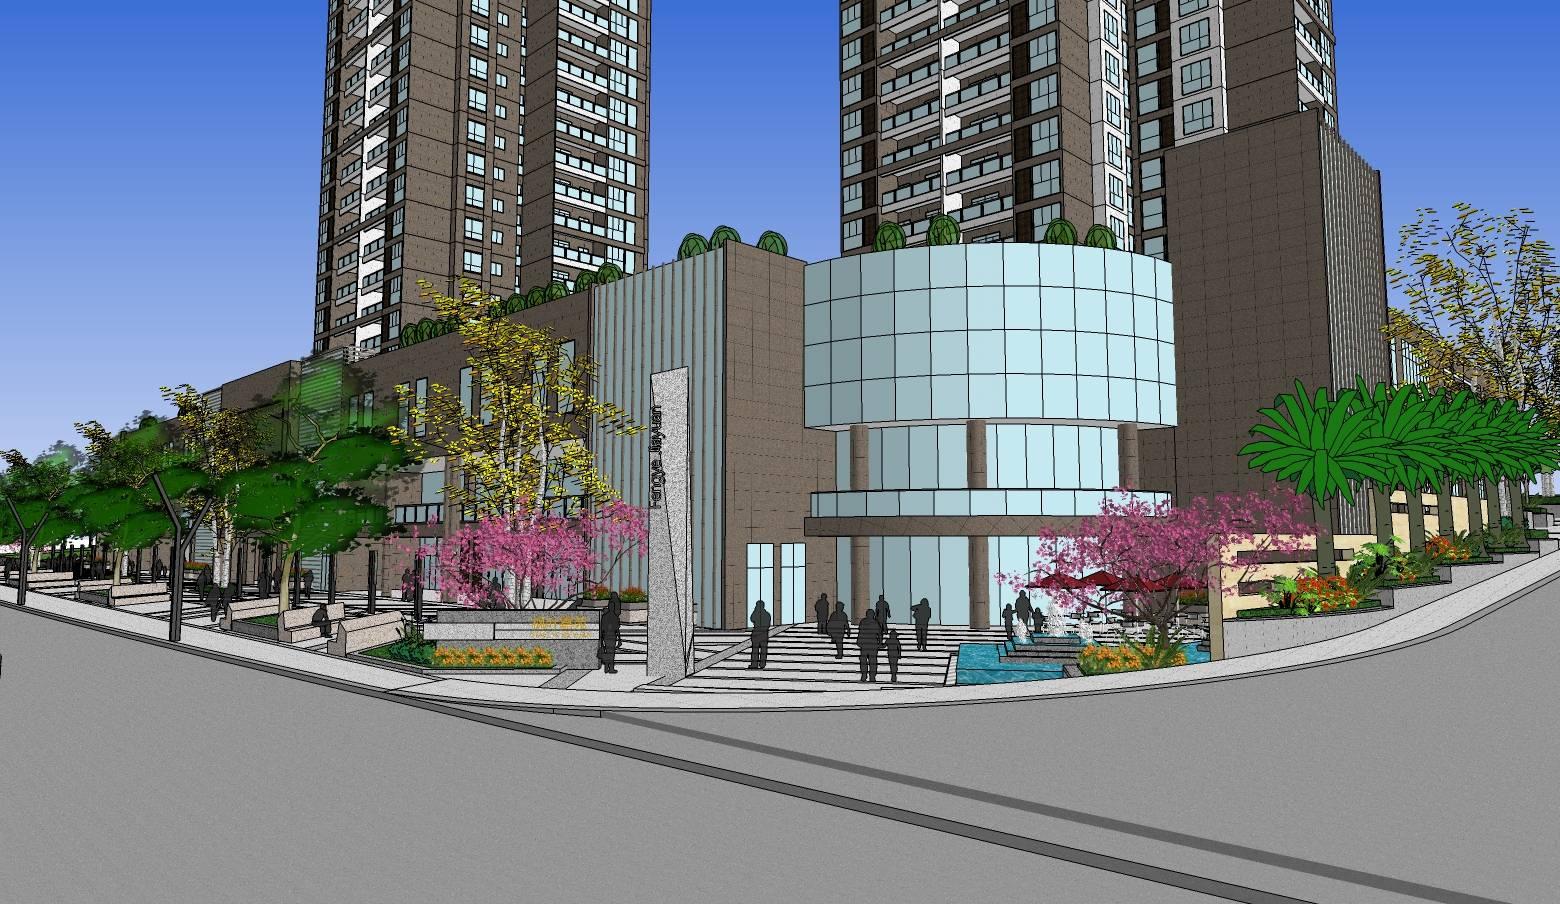 现代风格小区高层住宅+商业精细建筑sketchup模型